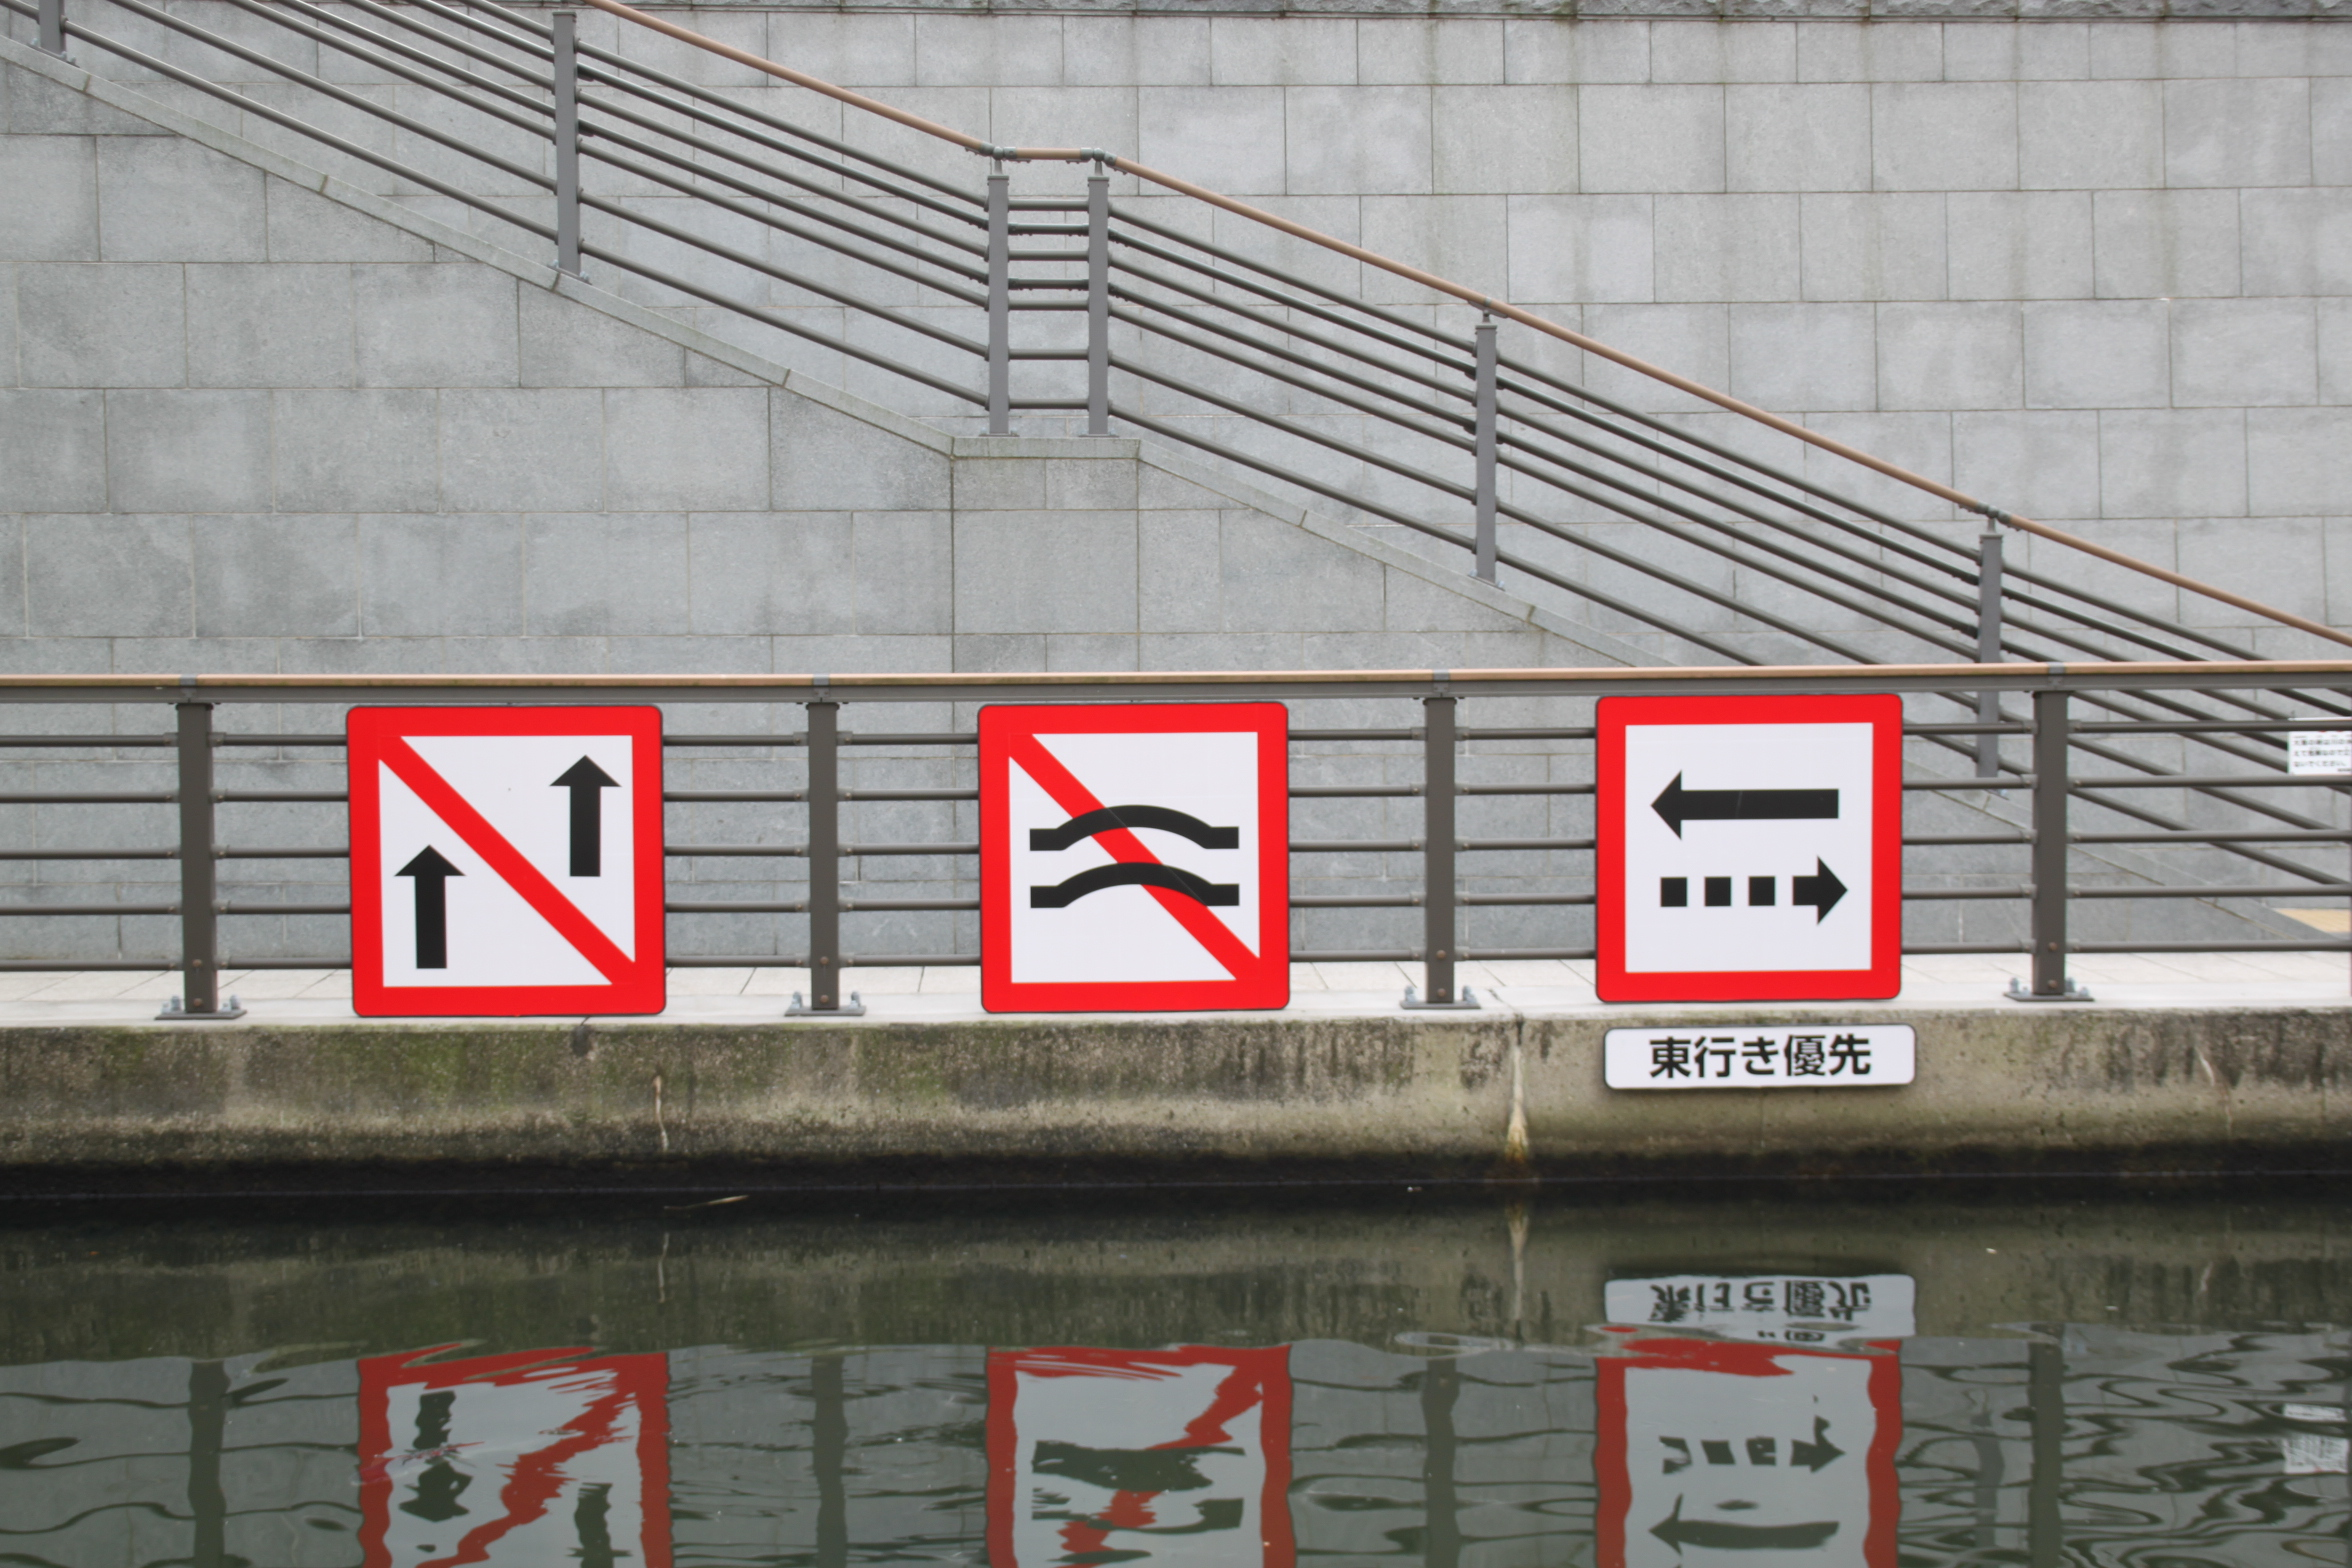 河川に向かって設置されている標識。しっかり守れば誰でも河川を通航できます!